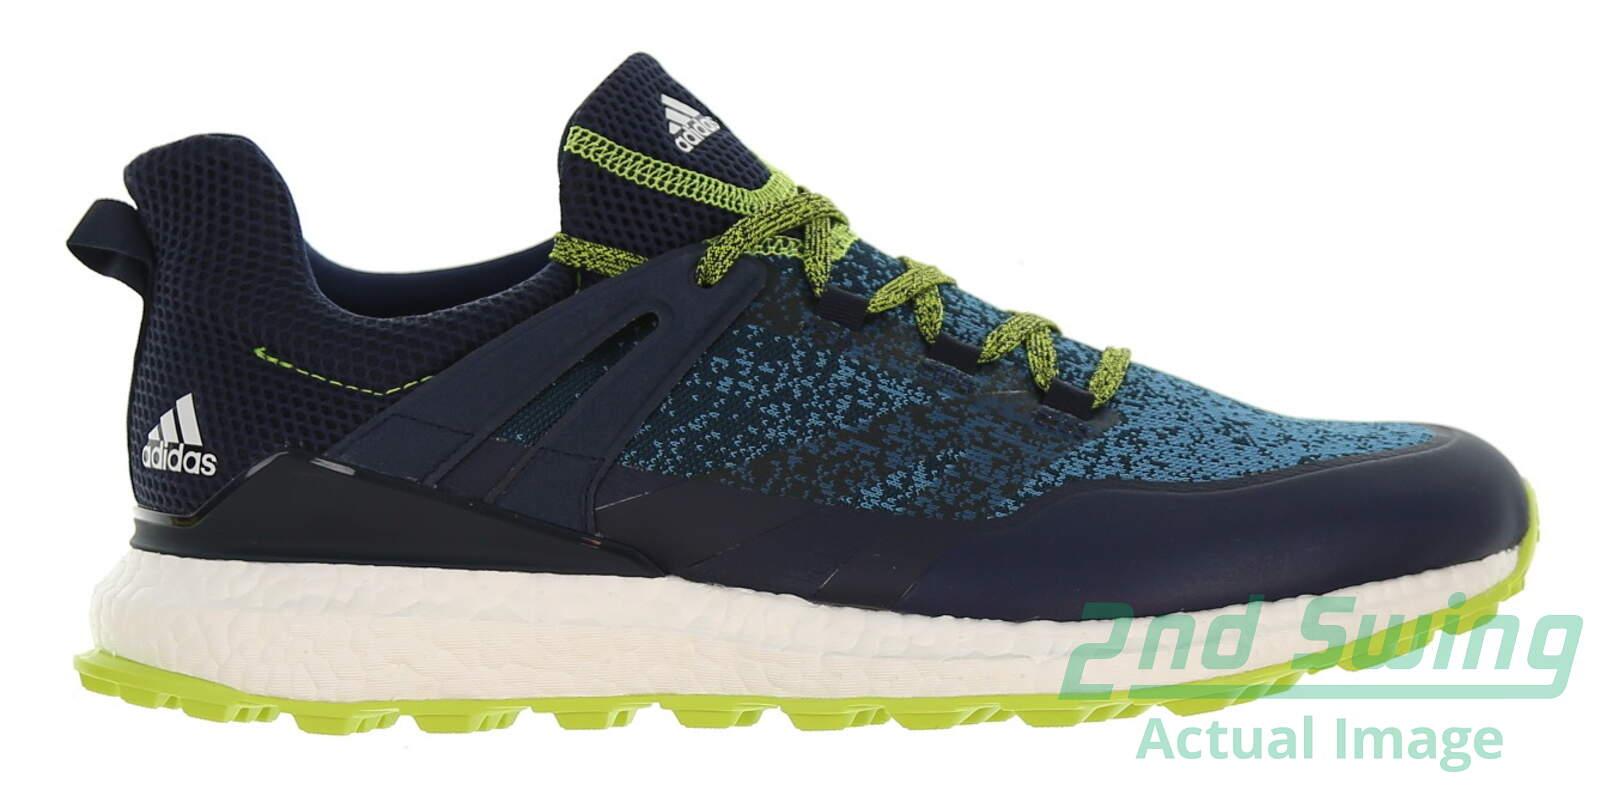 New W O Box Mens Golf Shoe Adidas Crossknit Boost Medium 9 5 Blue Lime Msrp 160 Golf Footwear 2nd Swing Golf